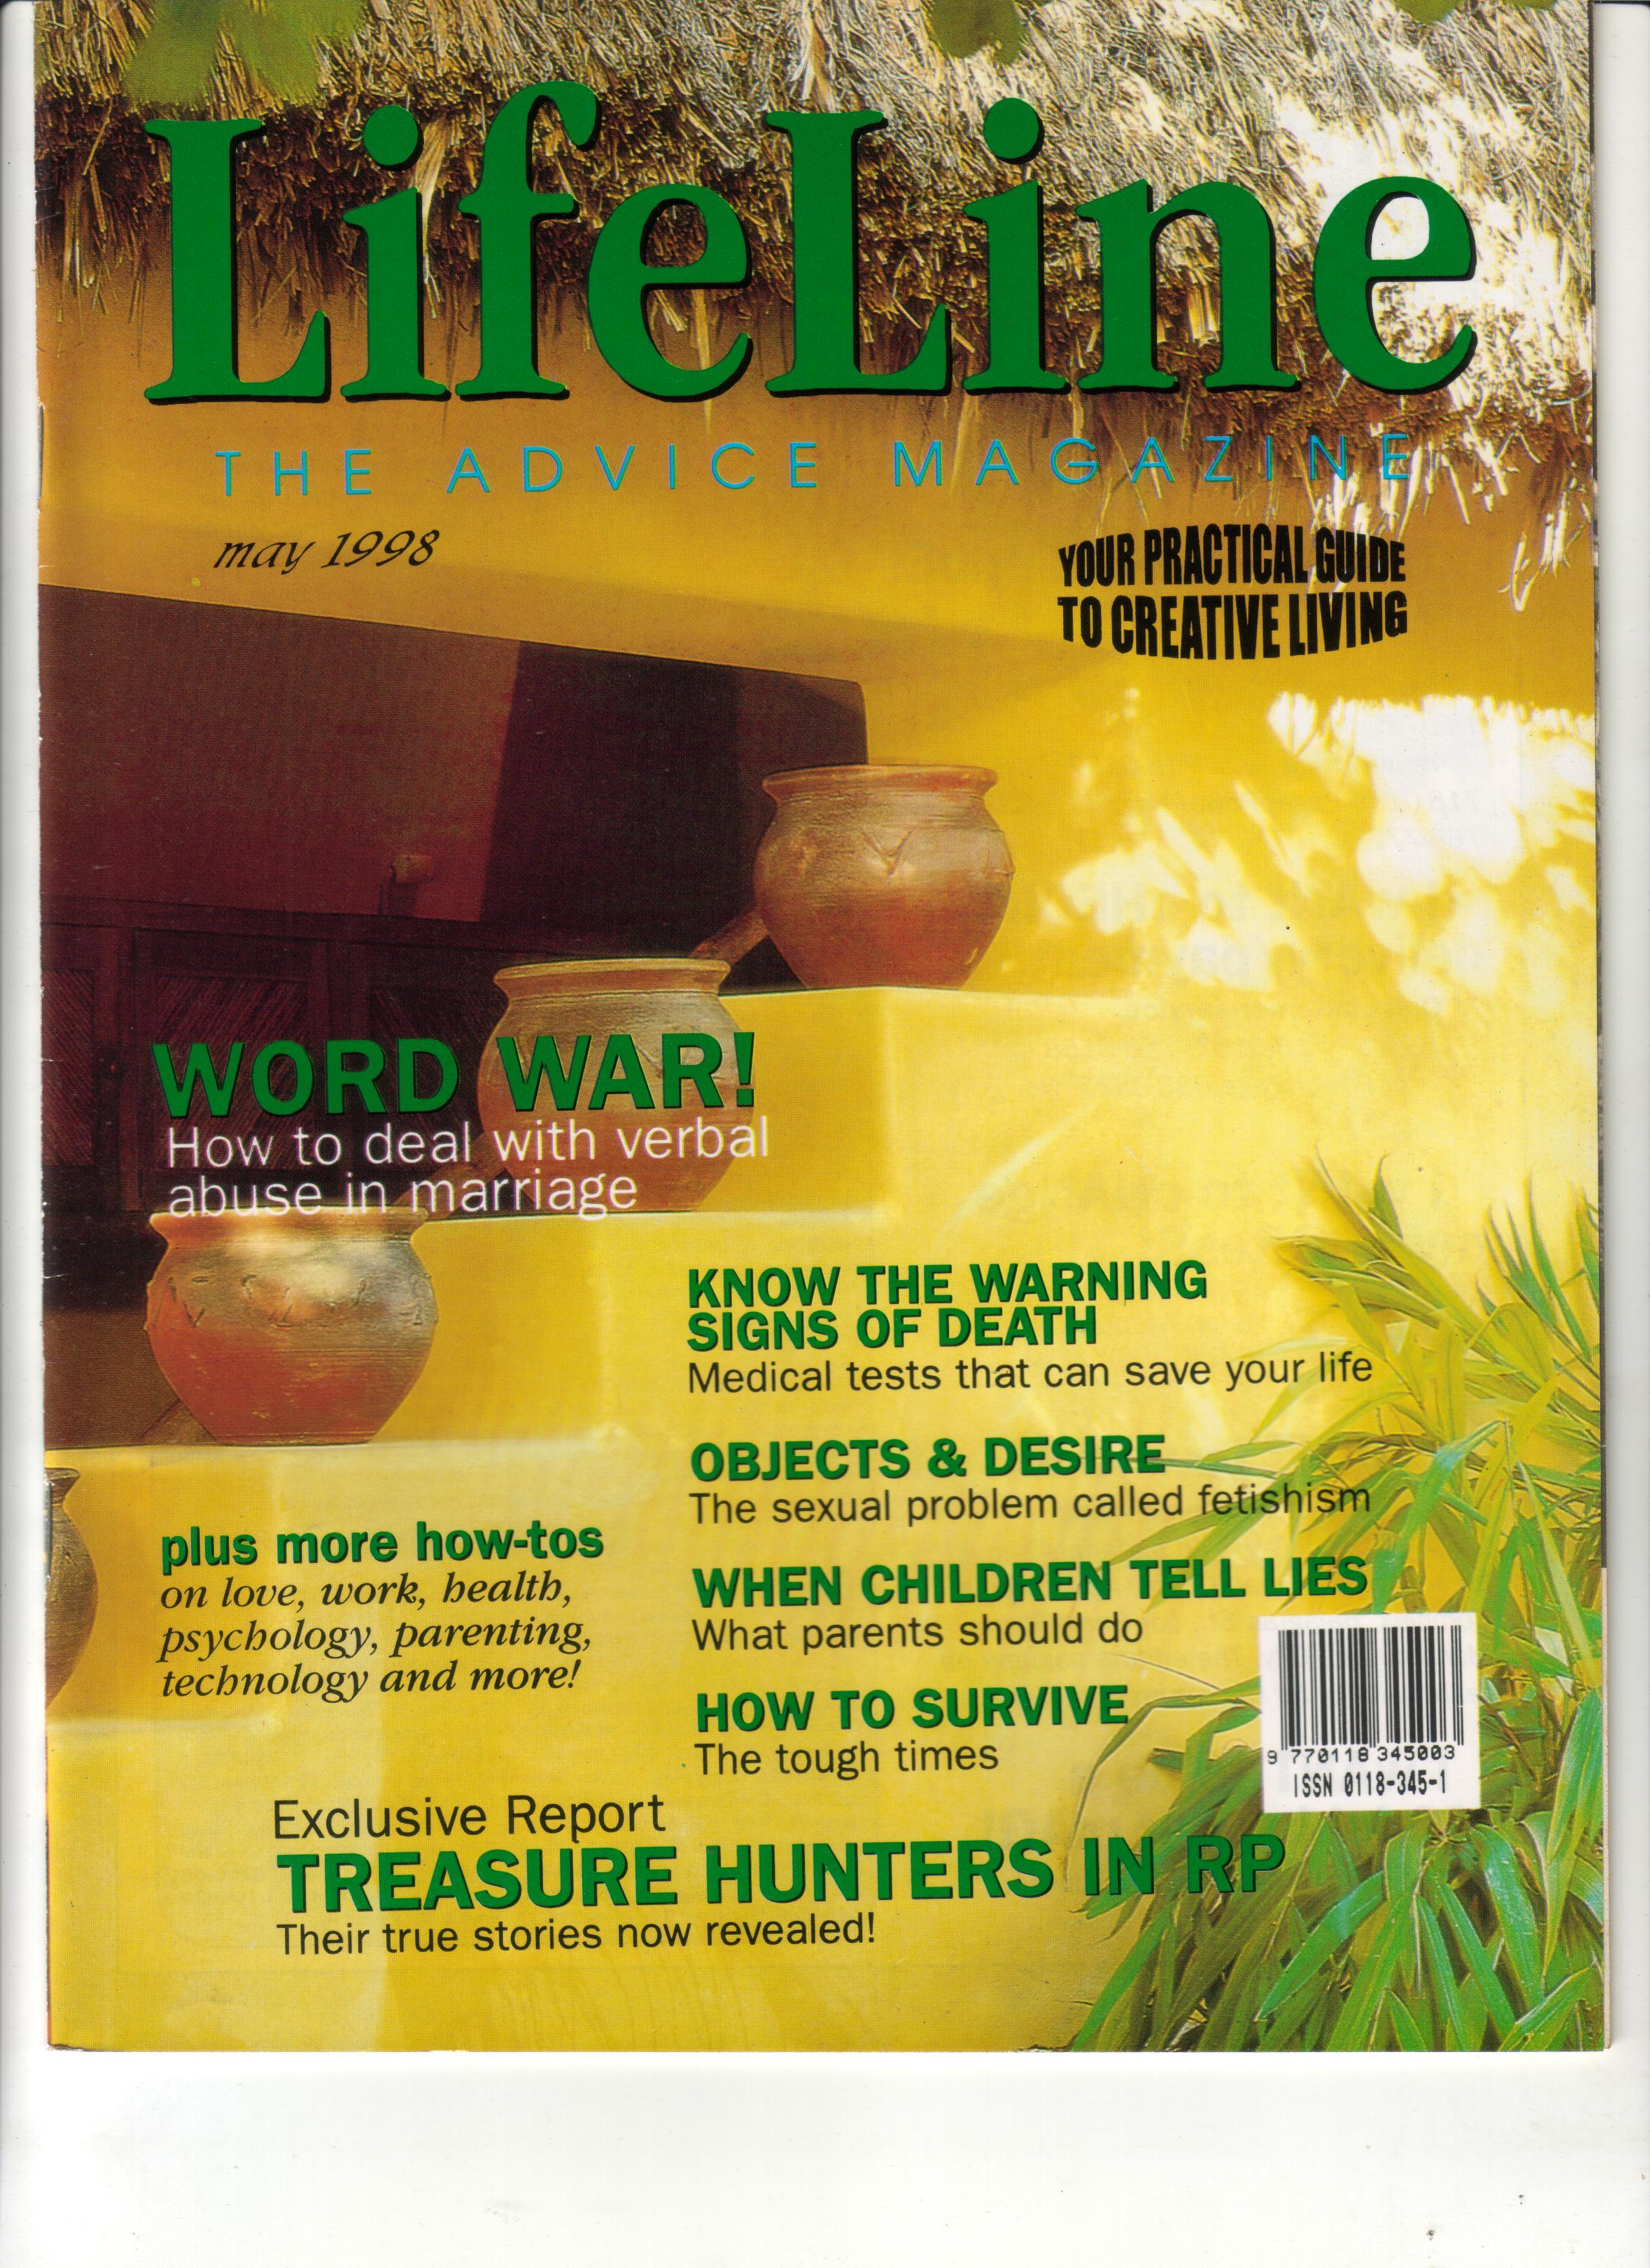 05-98 Lifeline Cover